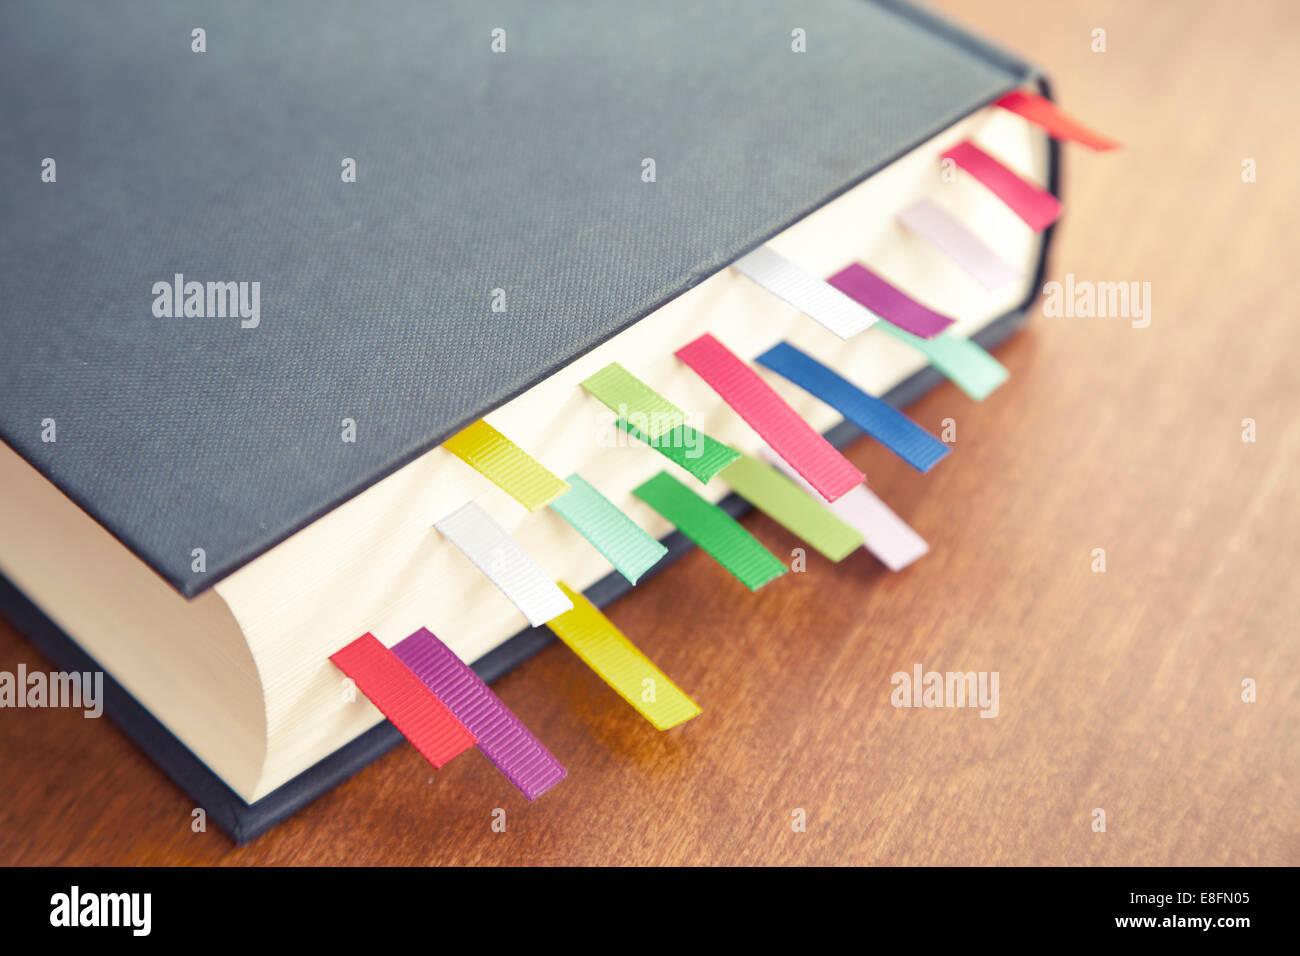 Reserve con marcadores multicolor Imagen De Stock